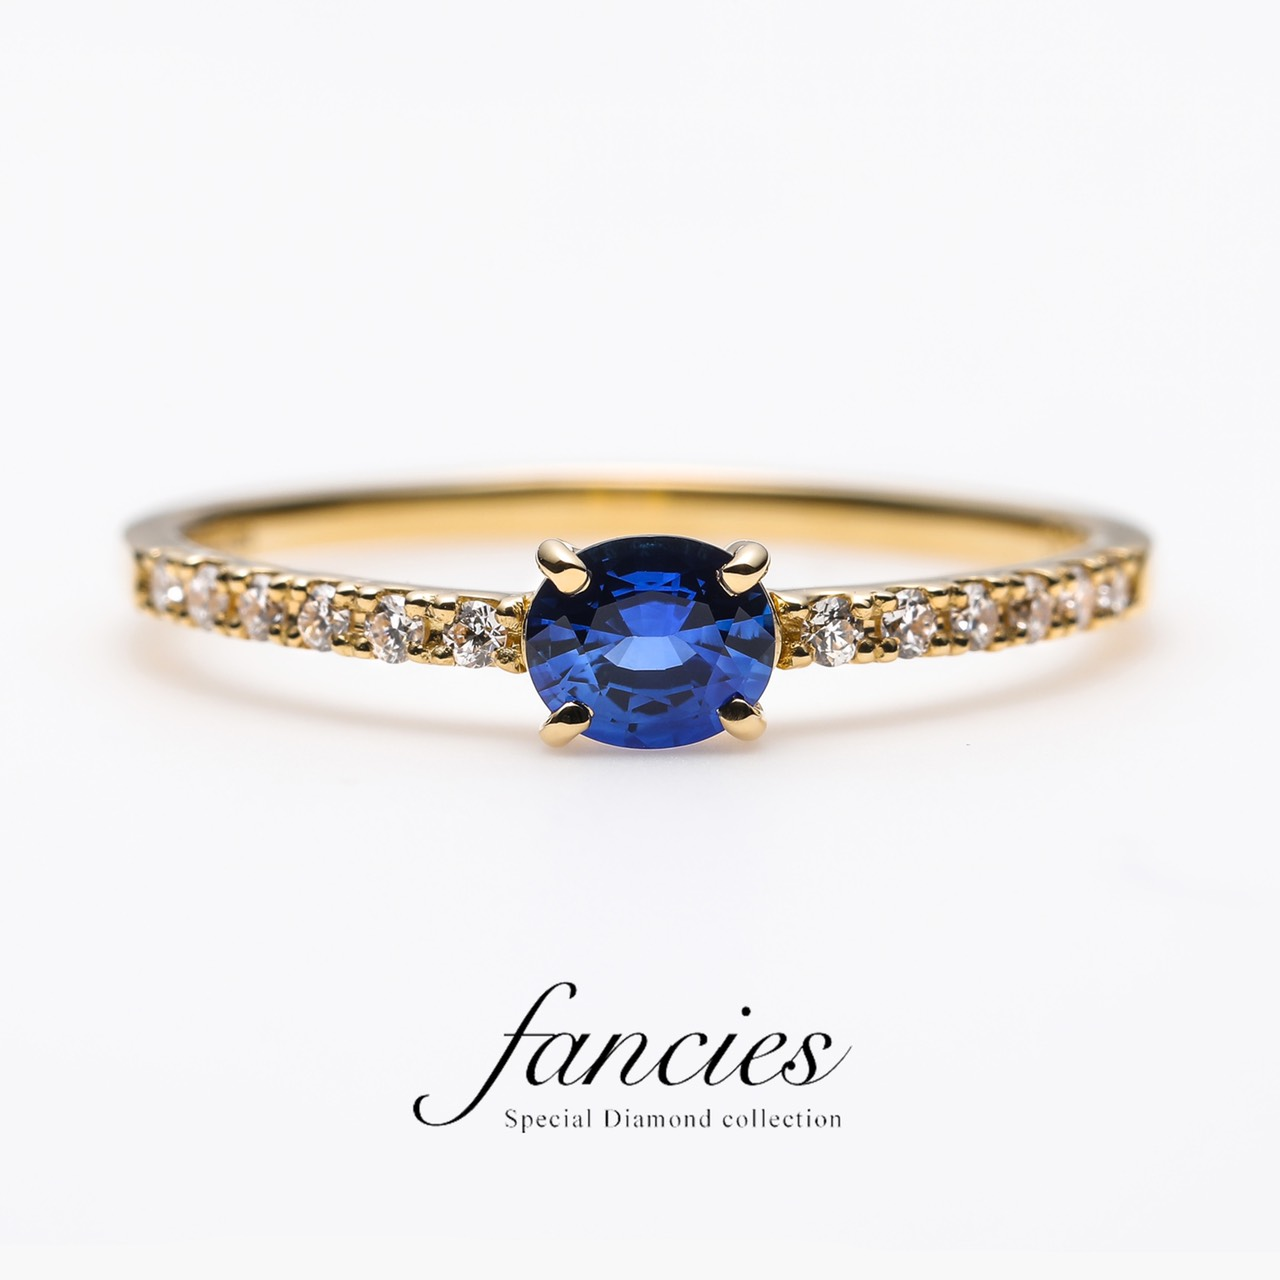 新潟の結婚指輪・婚約指輪 - 知的で清楚な青色が美しい9月の誕生石サファイヤの婚約指輪